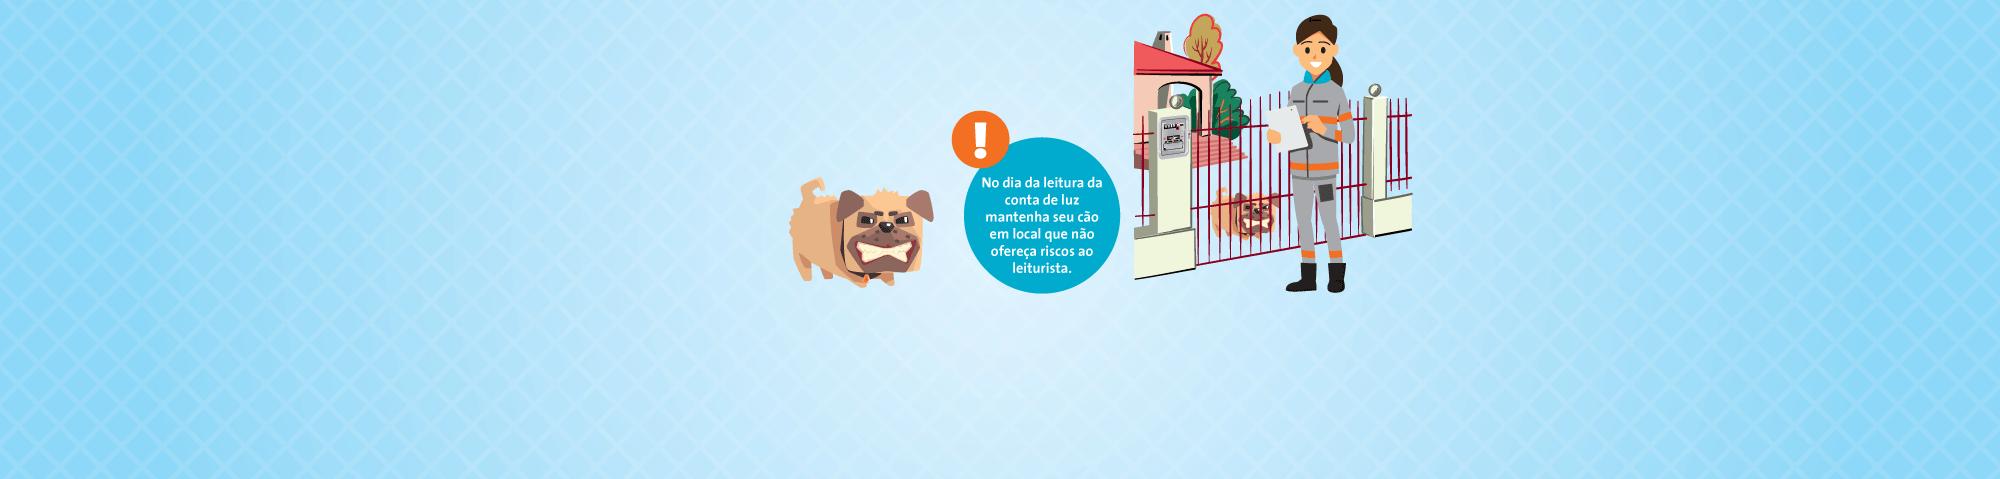 Evite ataques de cães ao leiturista! Seu cuidado, nossa proteção.